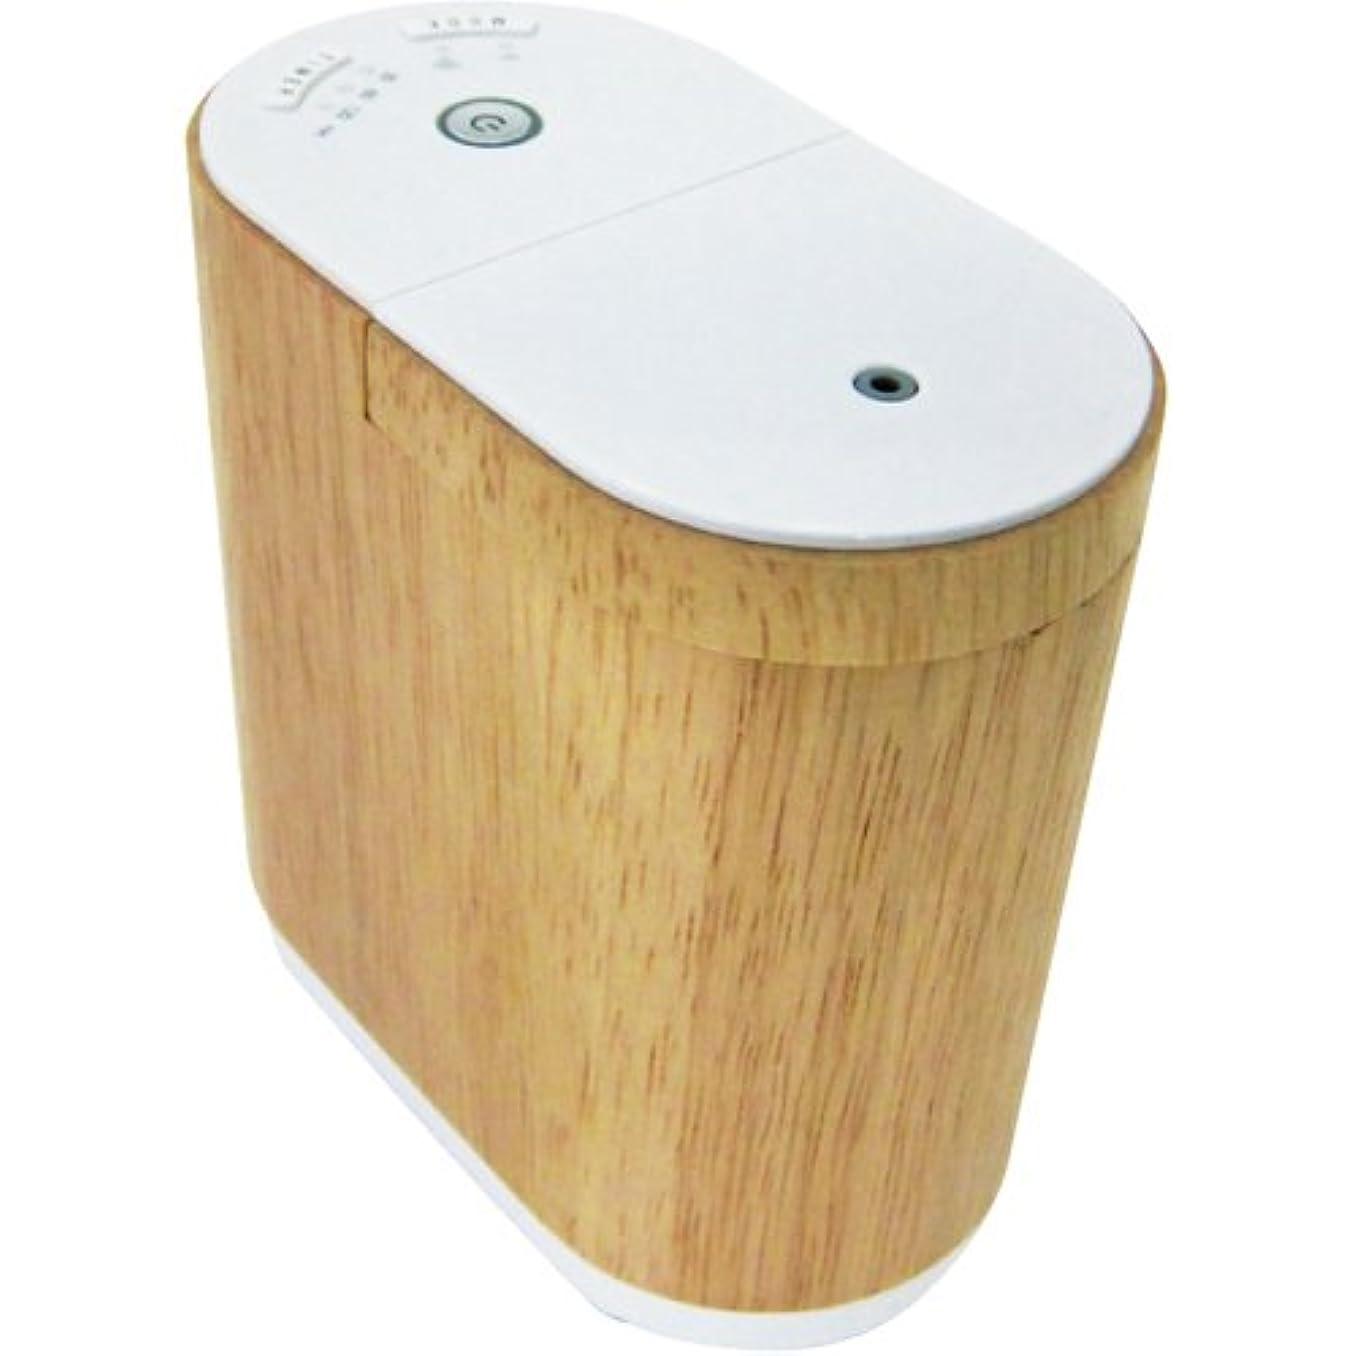 ギター羊ののために生活の木 アロマディフューザー(ウッド)エッセンシャルオイルディフューザー aromore(アロモア) 08-801-6010